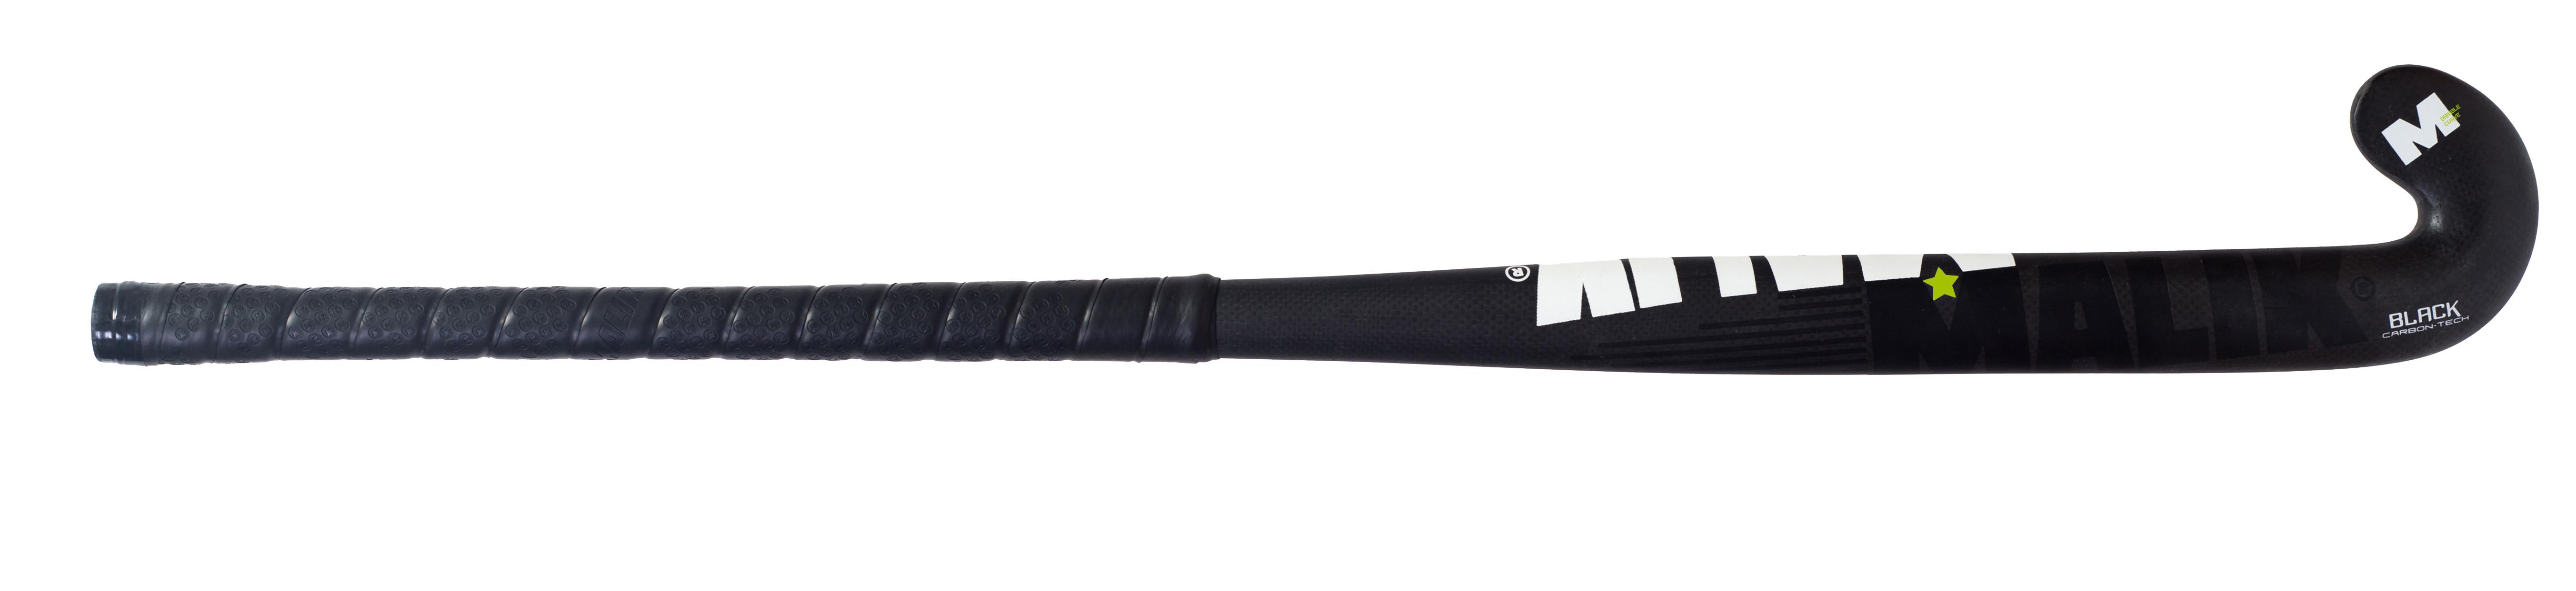 Malik Carbon-Tech Black DC 17/18 online kopen